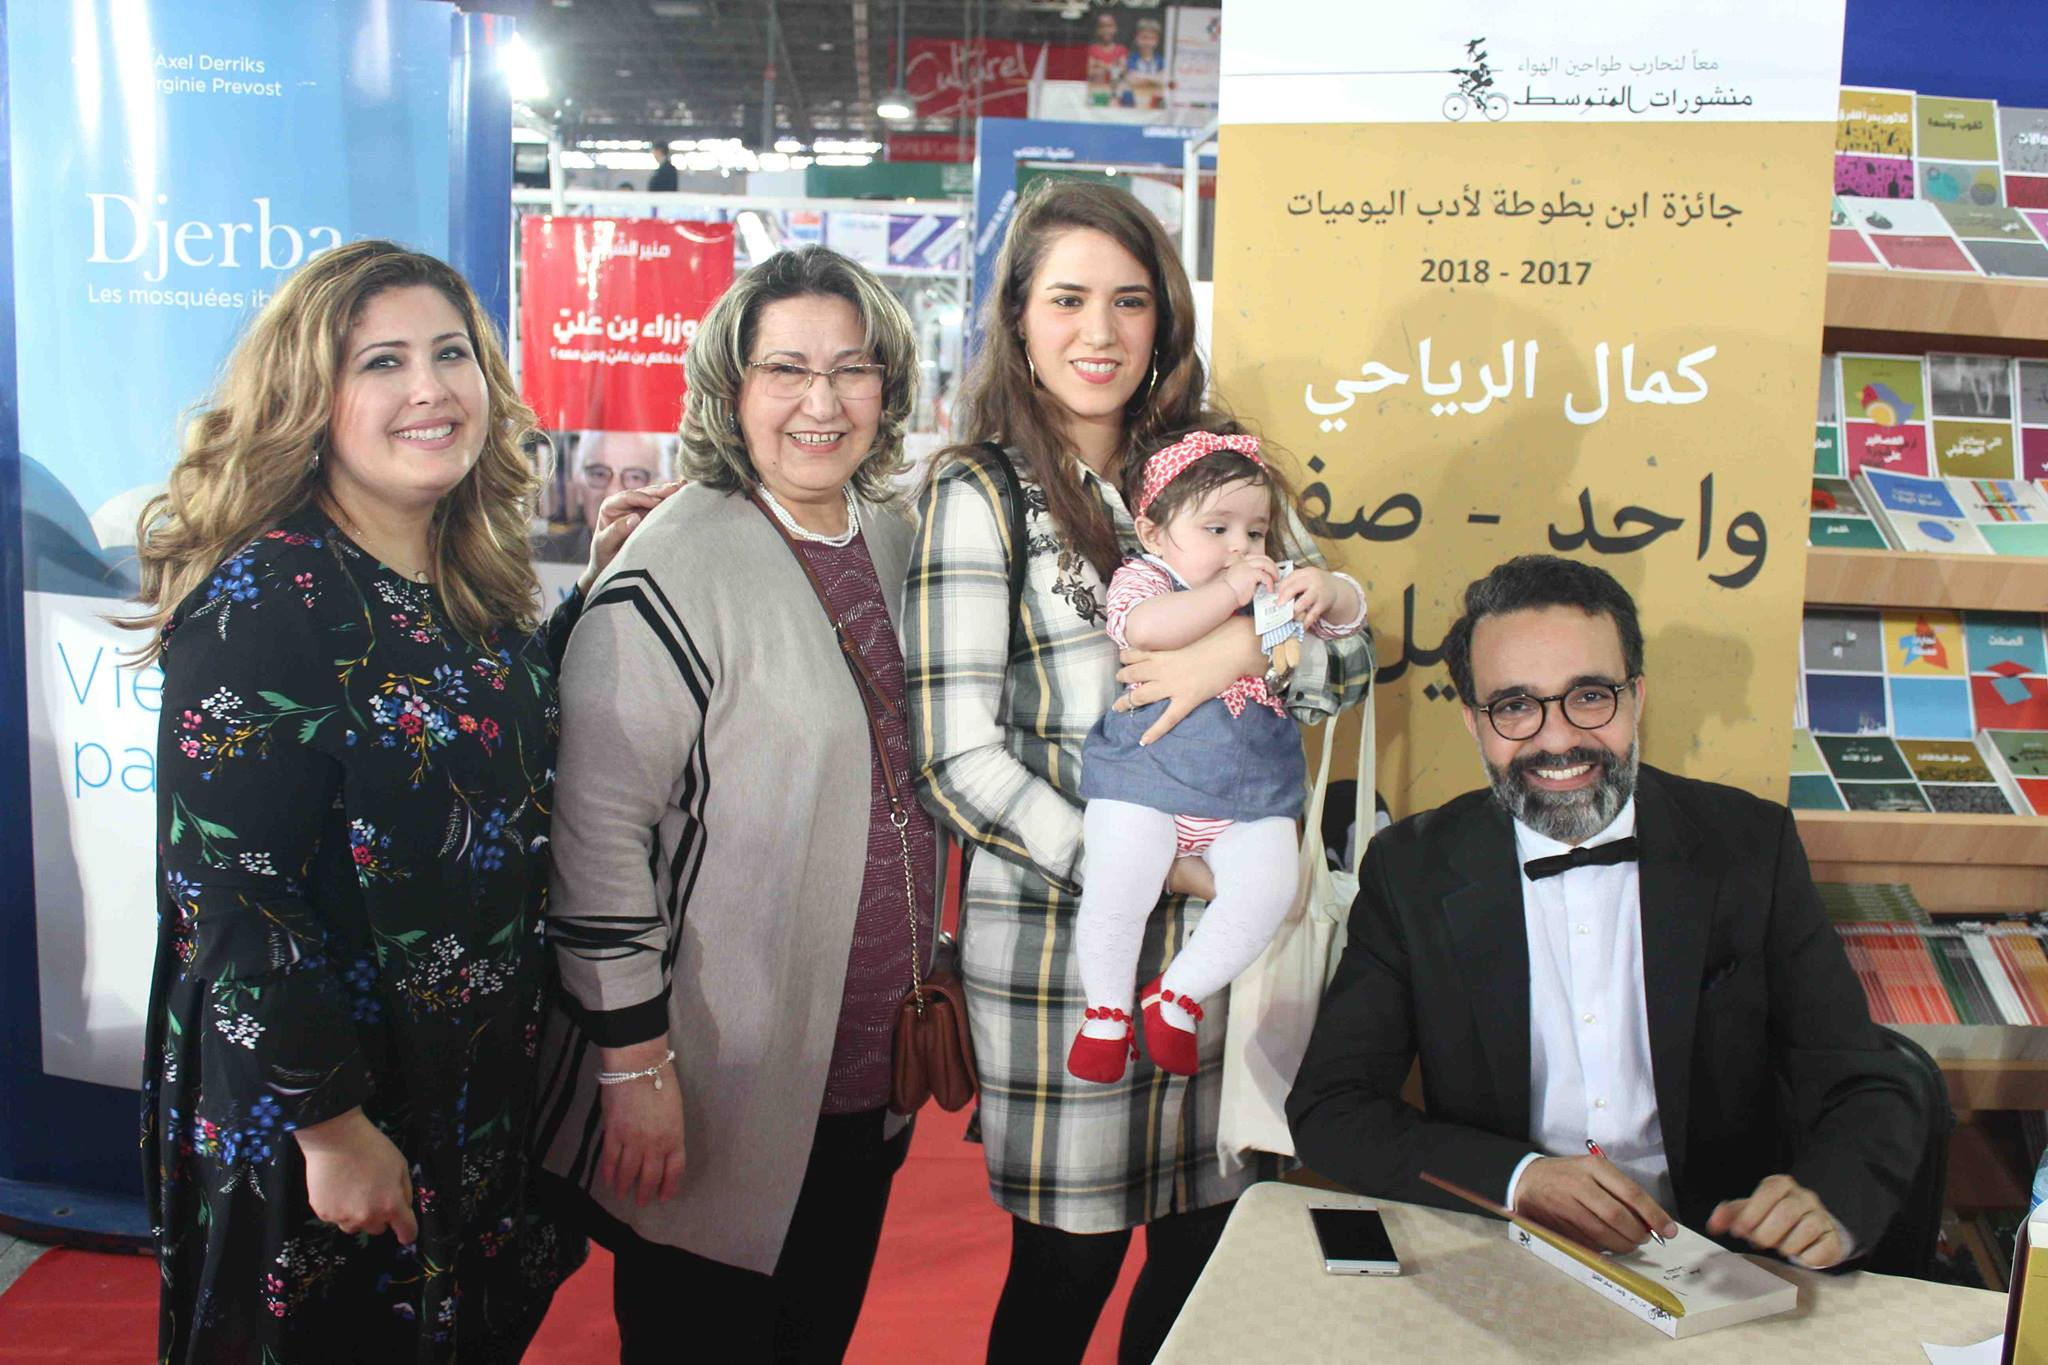 كمال الرياحى يوقع كتابه واحد صفر للقتيل الفائز بجائزة ابن بطوطة فى معرض تونس (8)